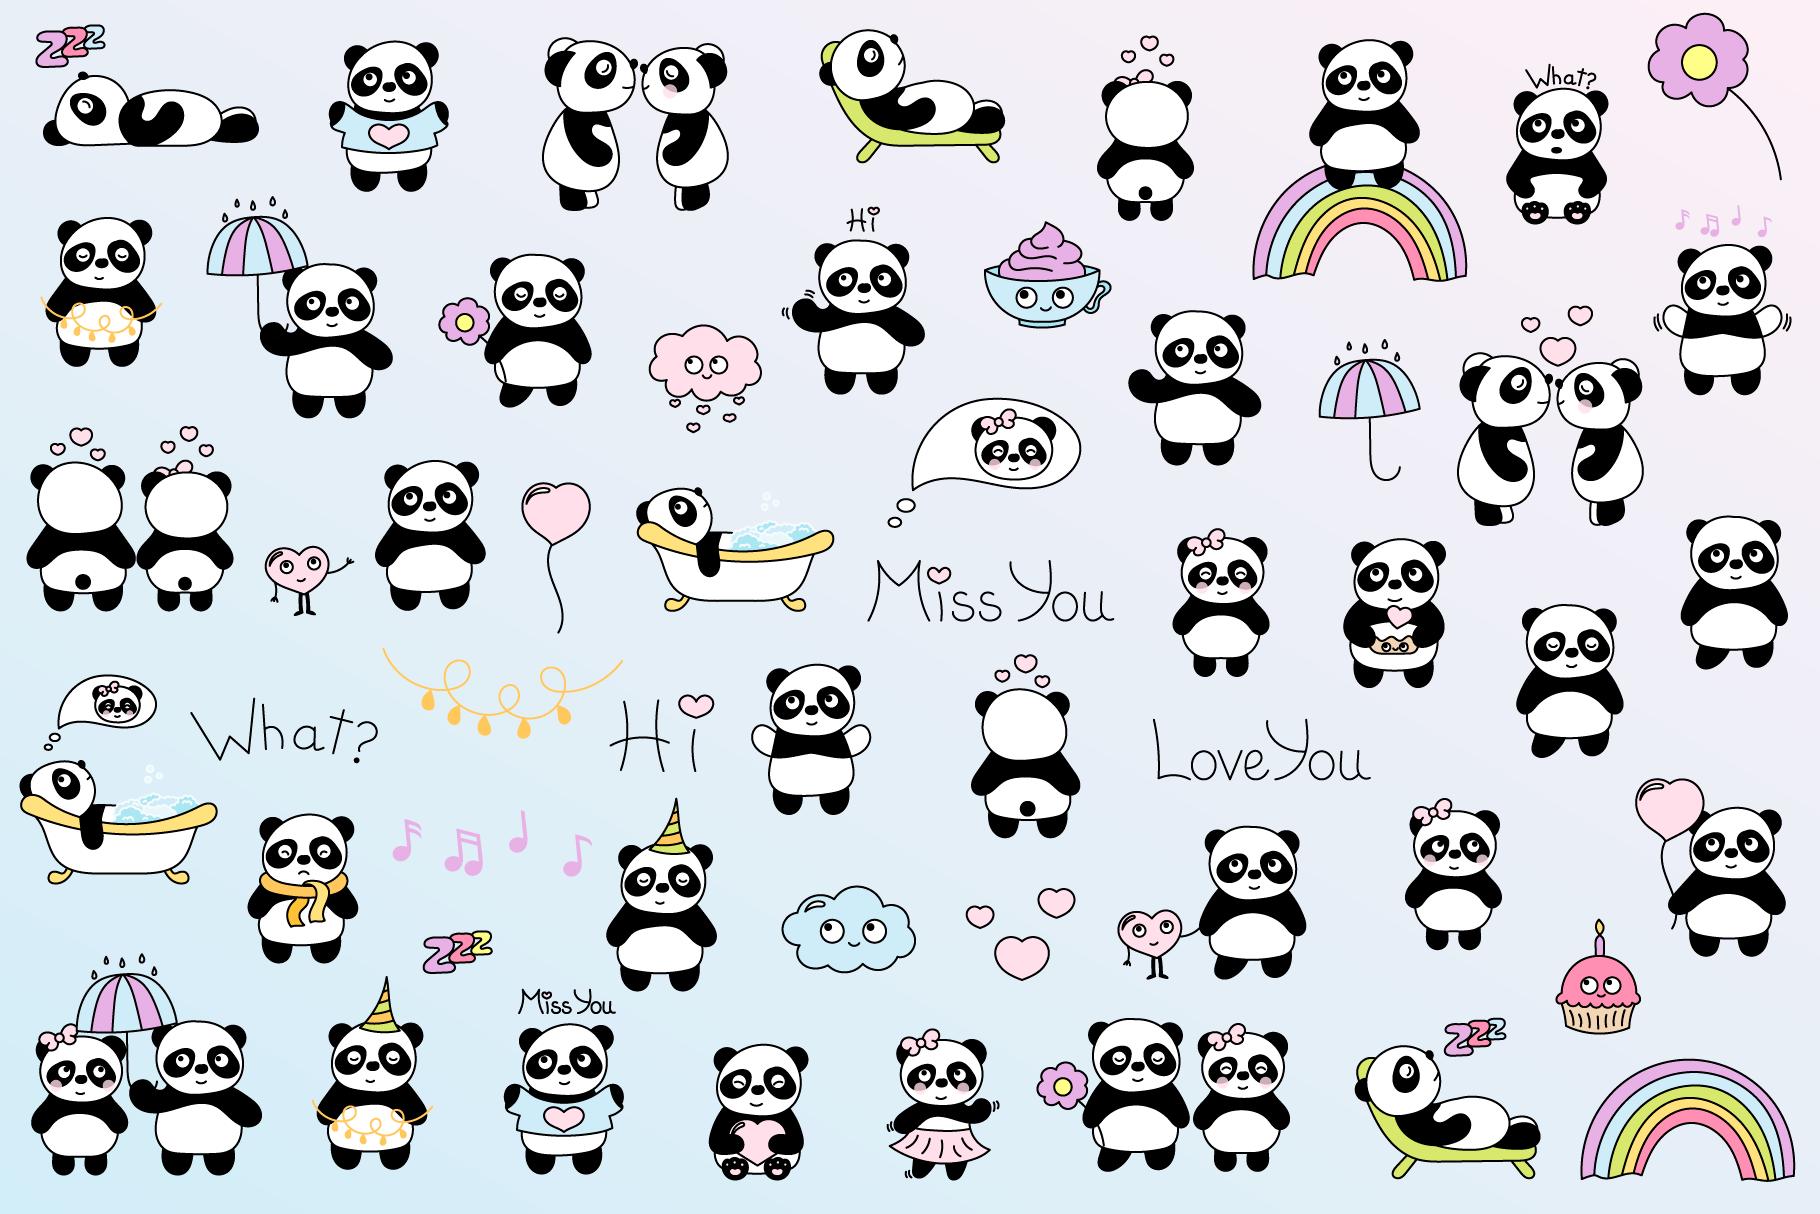 Cute Panda example image 2